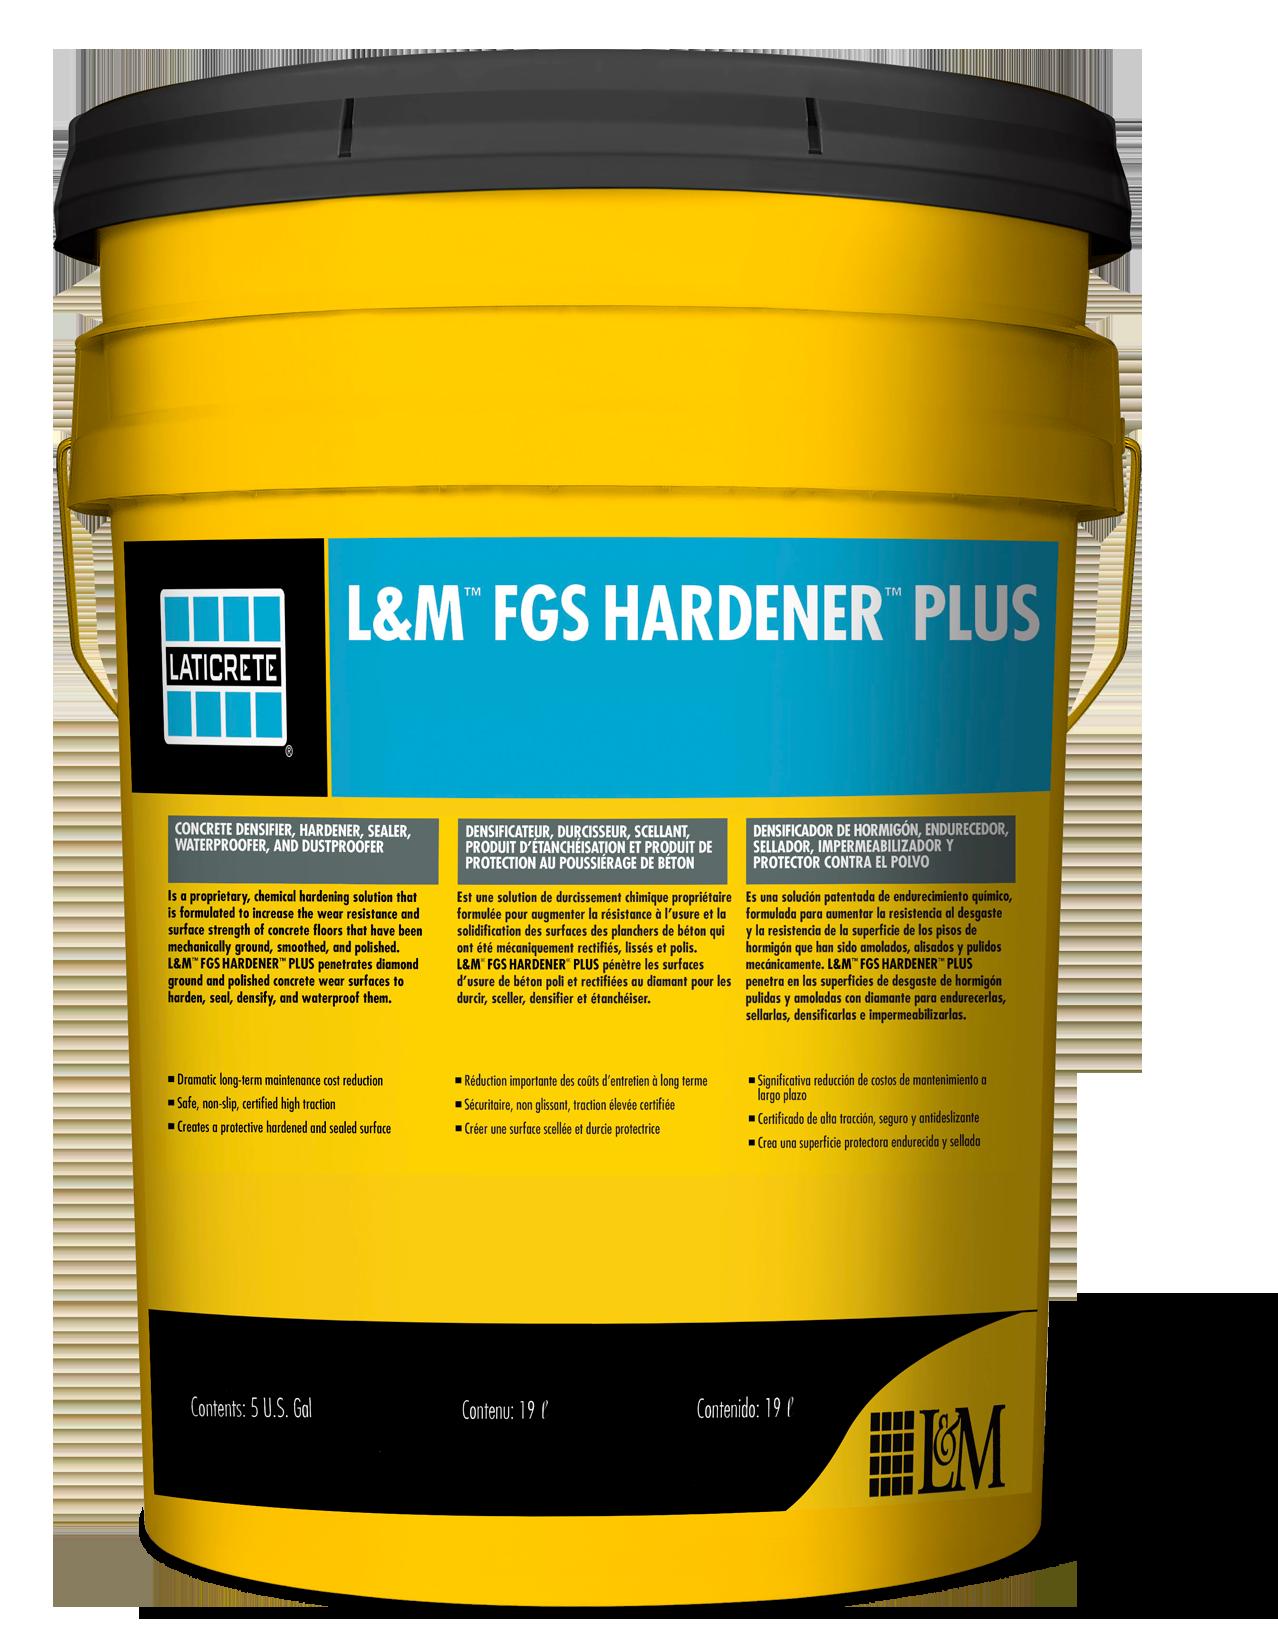 FGS Hardener Plus